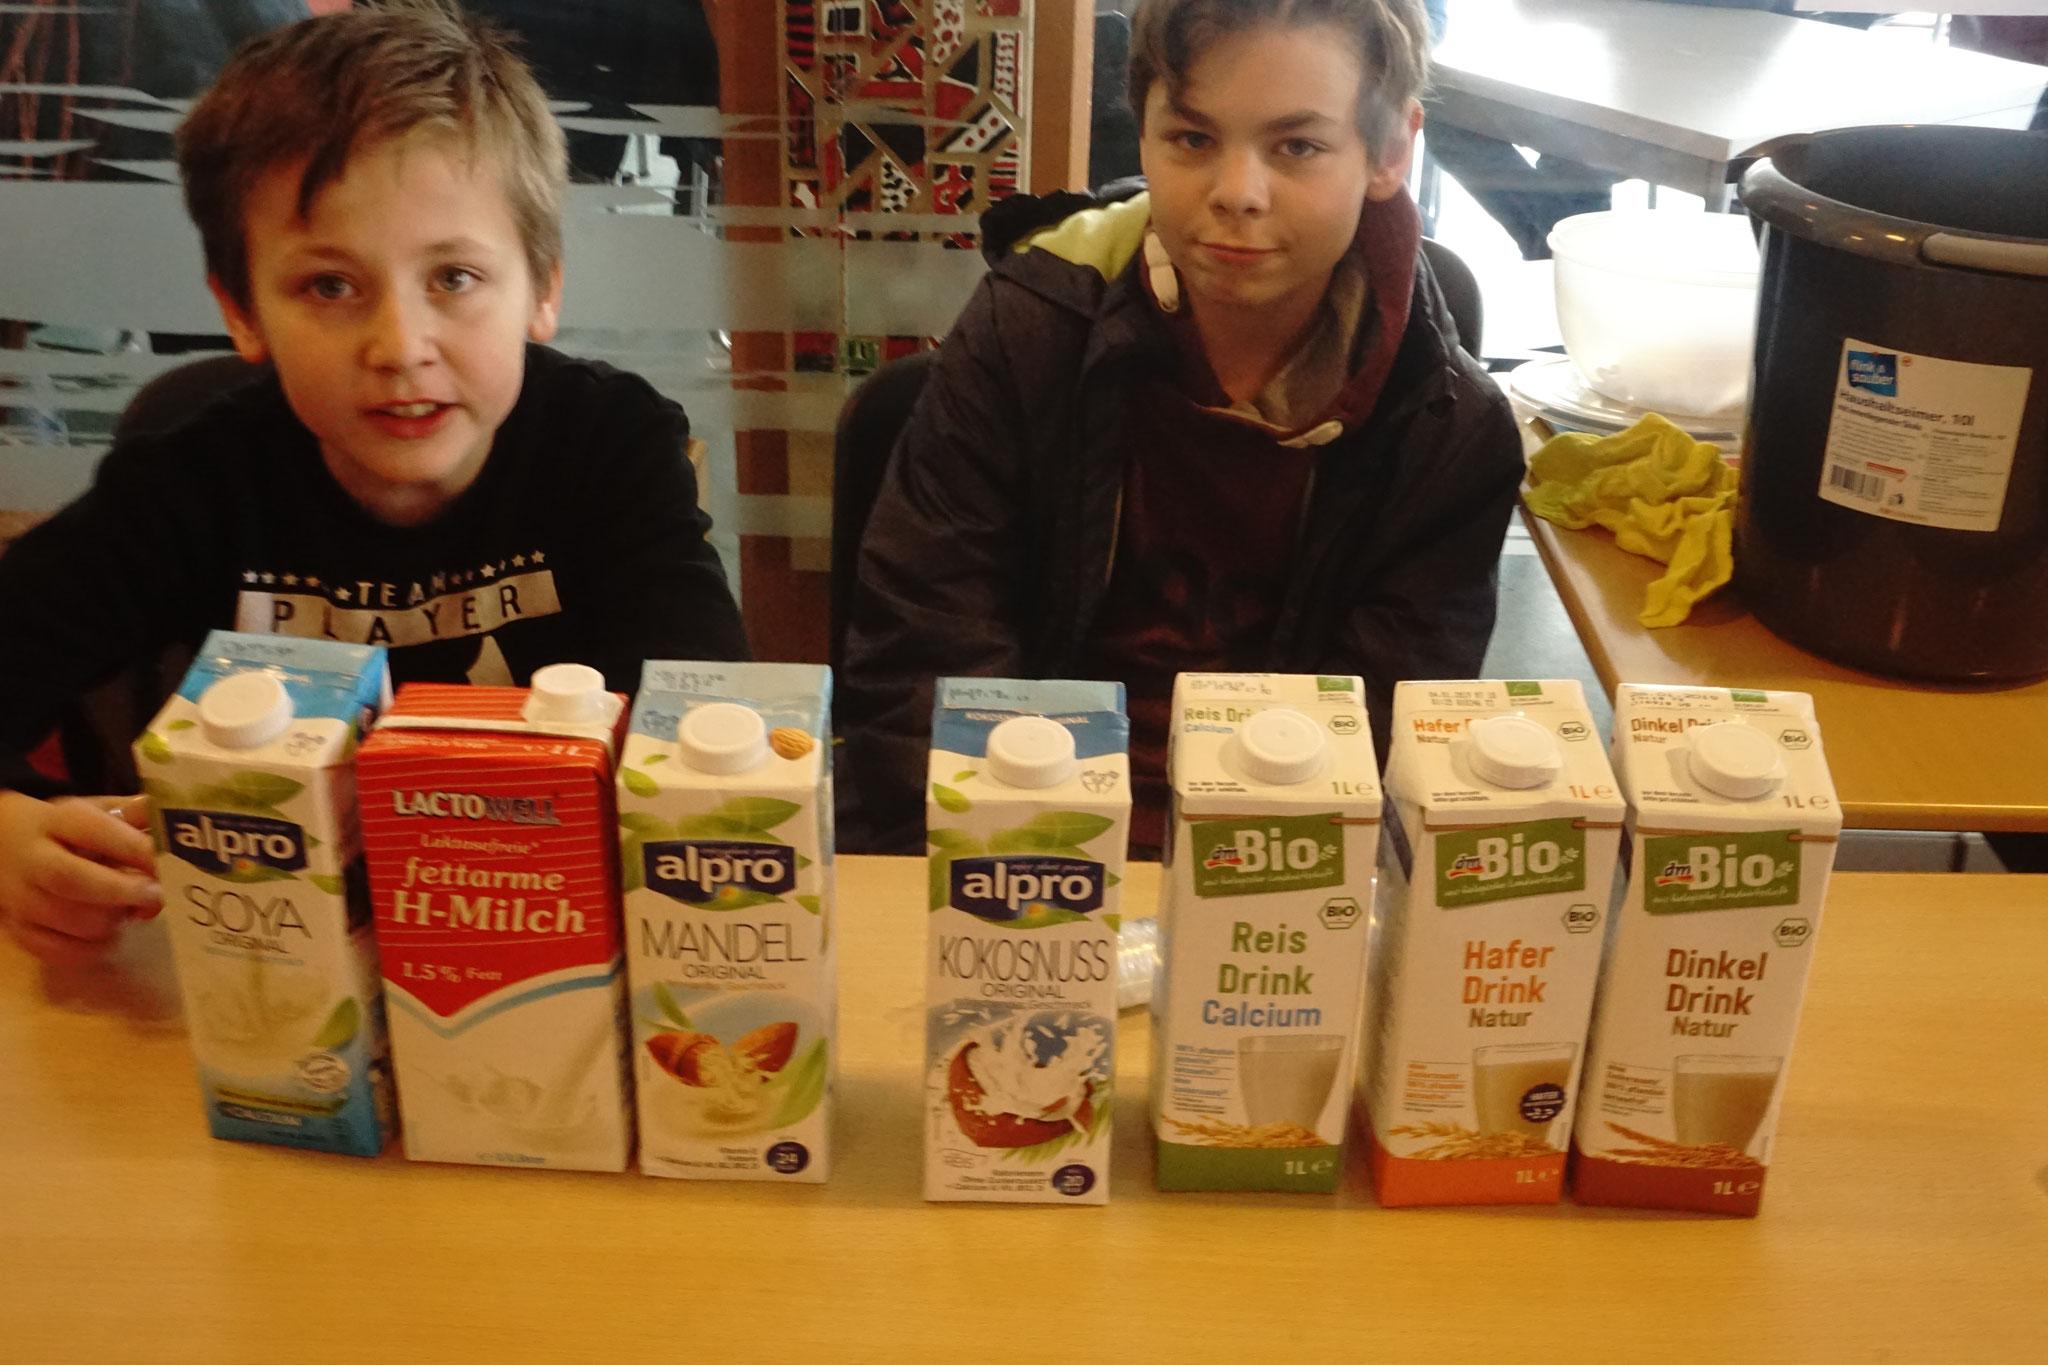 Eine Auswahl laktosefreier Milcharten zum Probieren